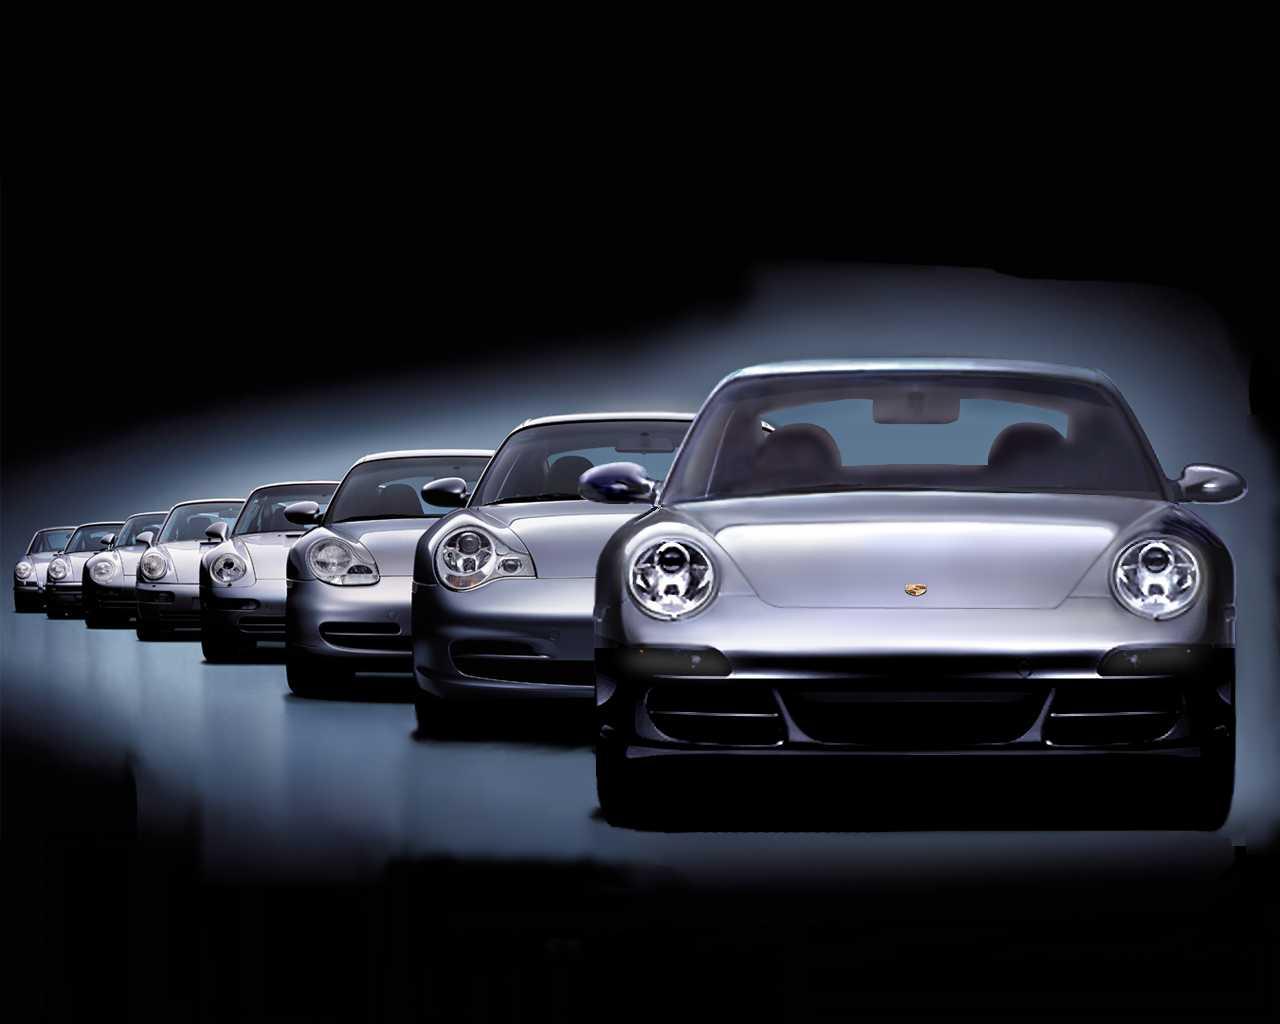 Porsche Hd Wallpapers 1080p: Porsche Car And Porsche Car Interiors Hd Wallpapers 1080p